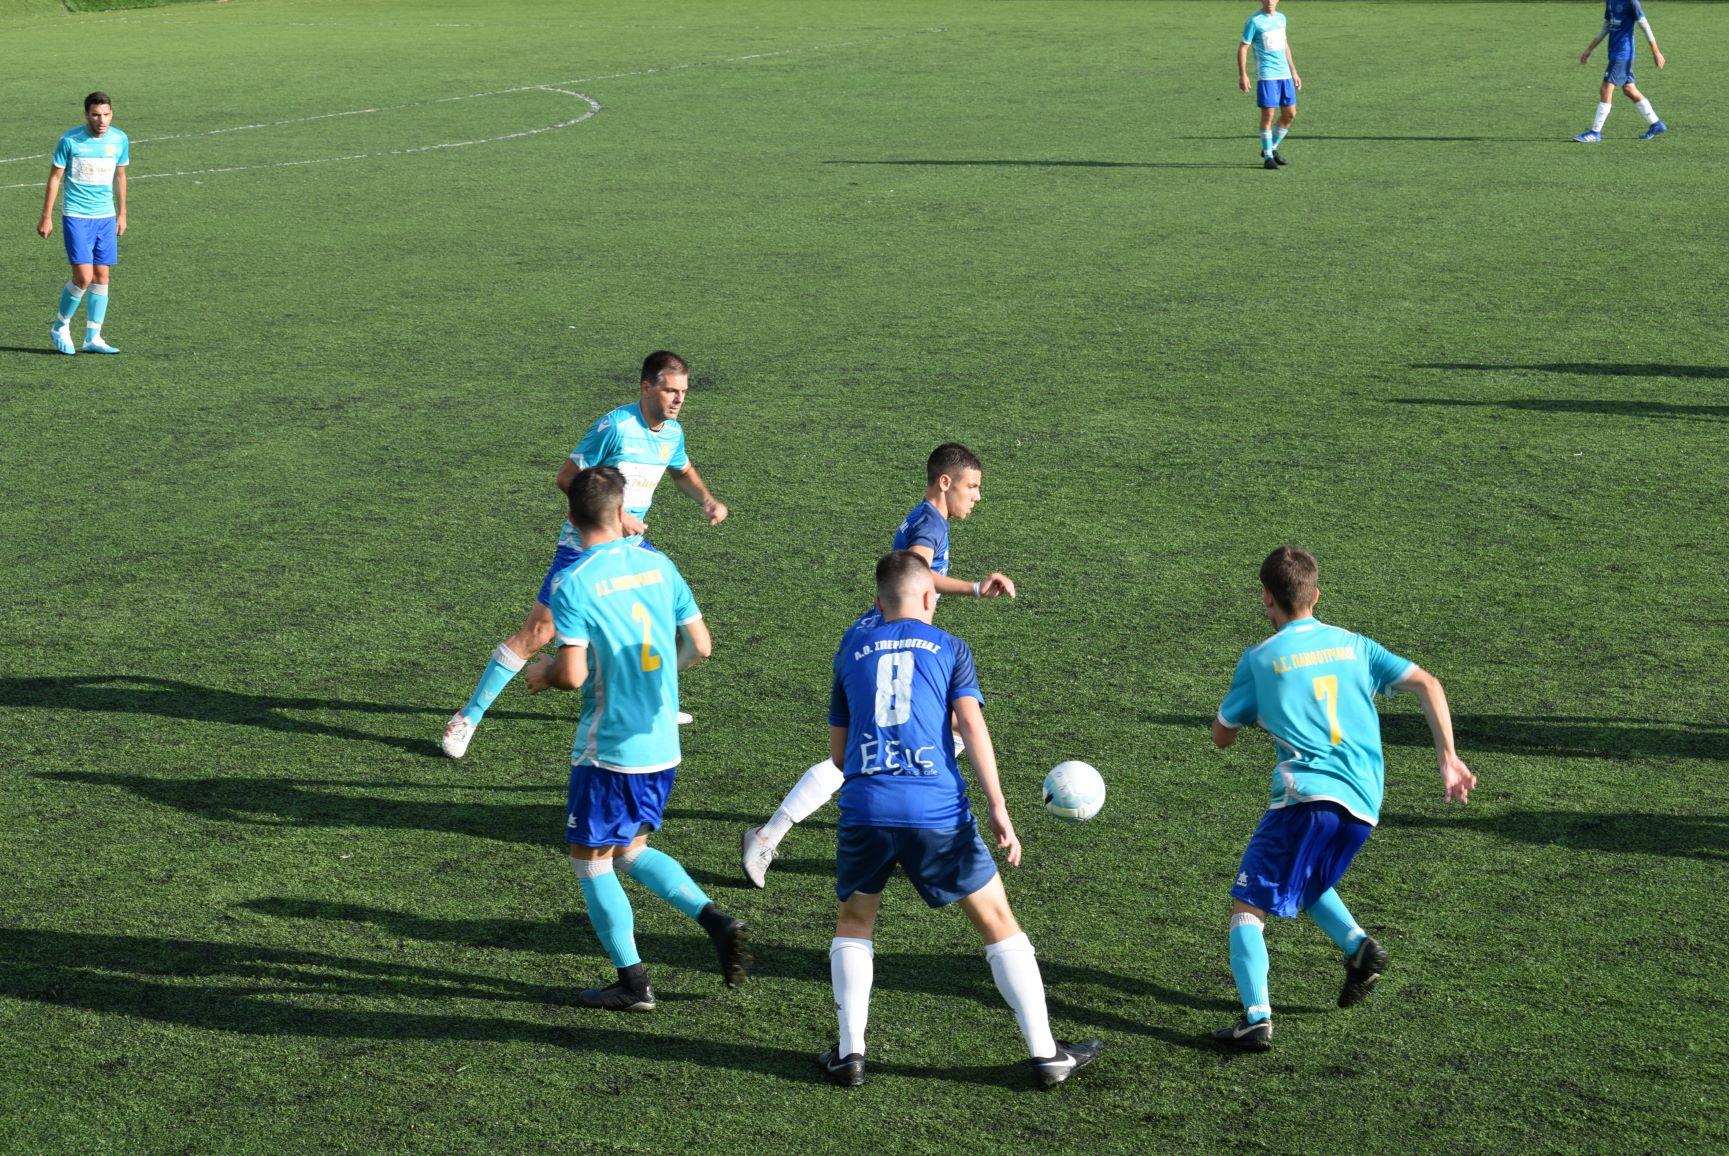 , Σπερχογεία-Πανθουριακός 0-1: Ούτε και με 10 δέχεται γκολ, λυτρωτής Λεό!